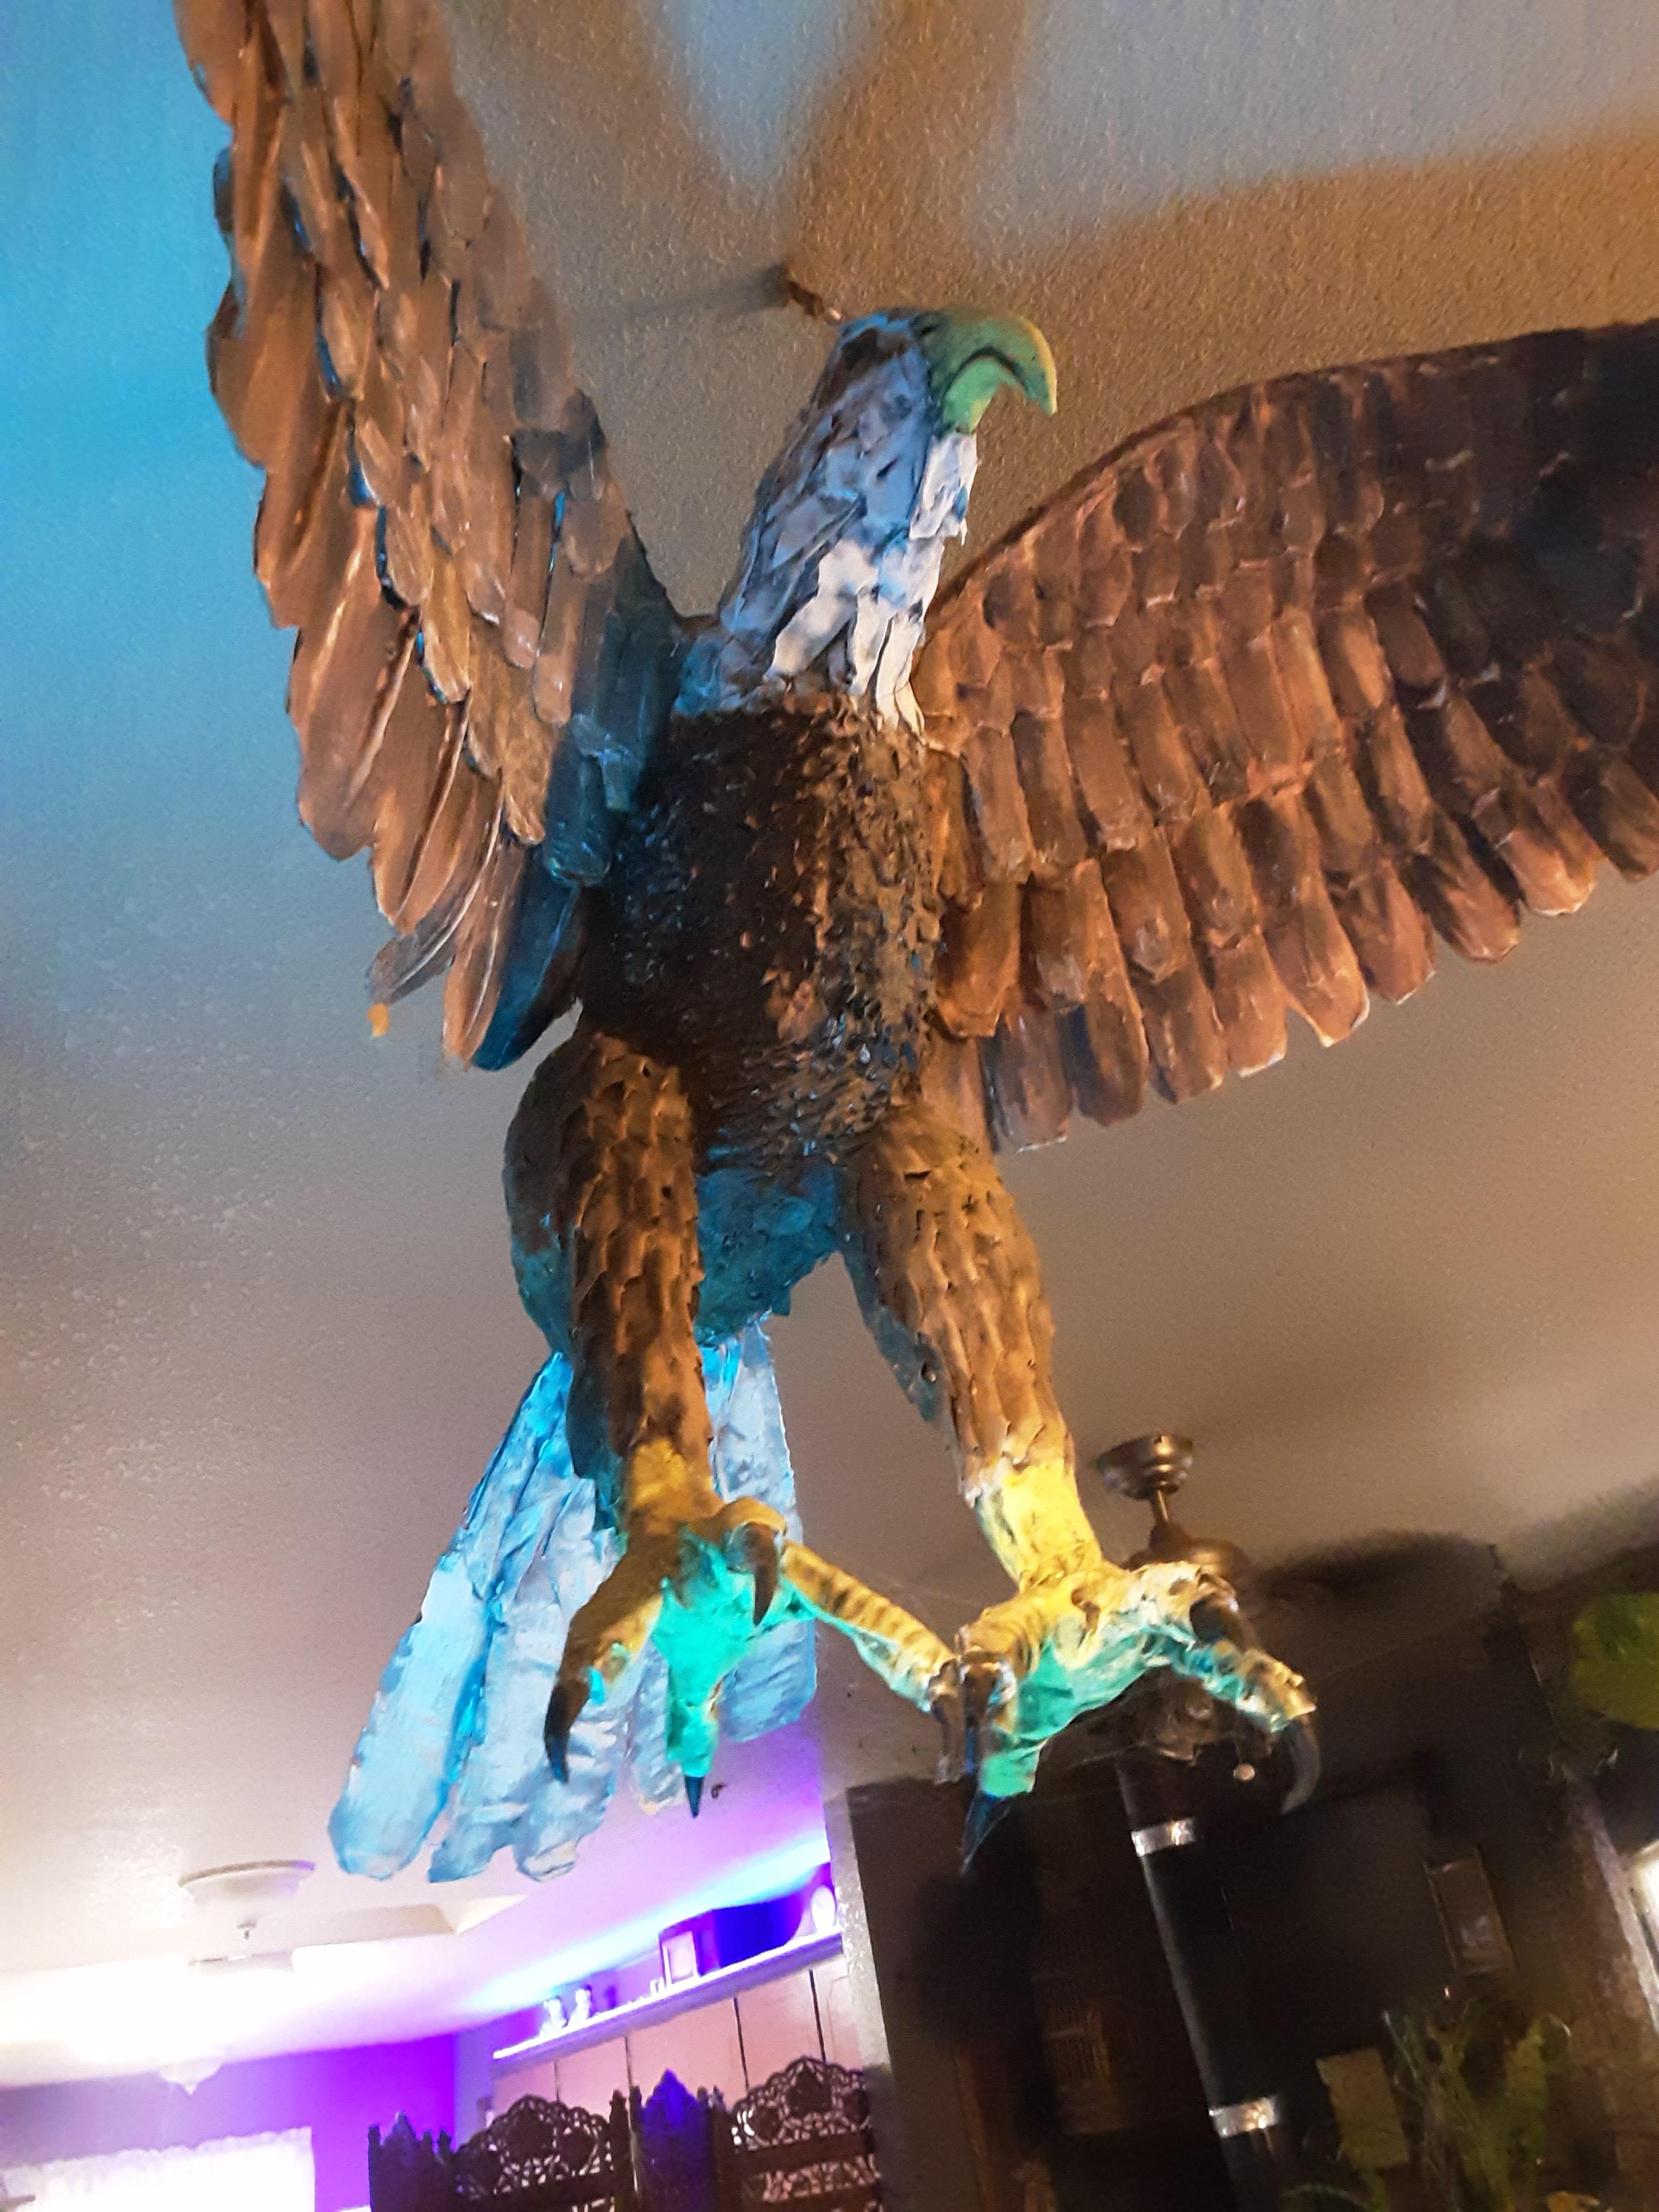 lori cole's eagle